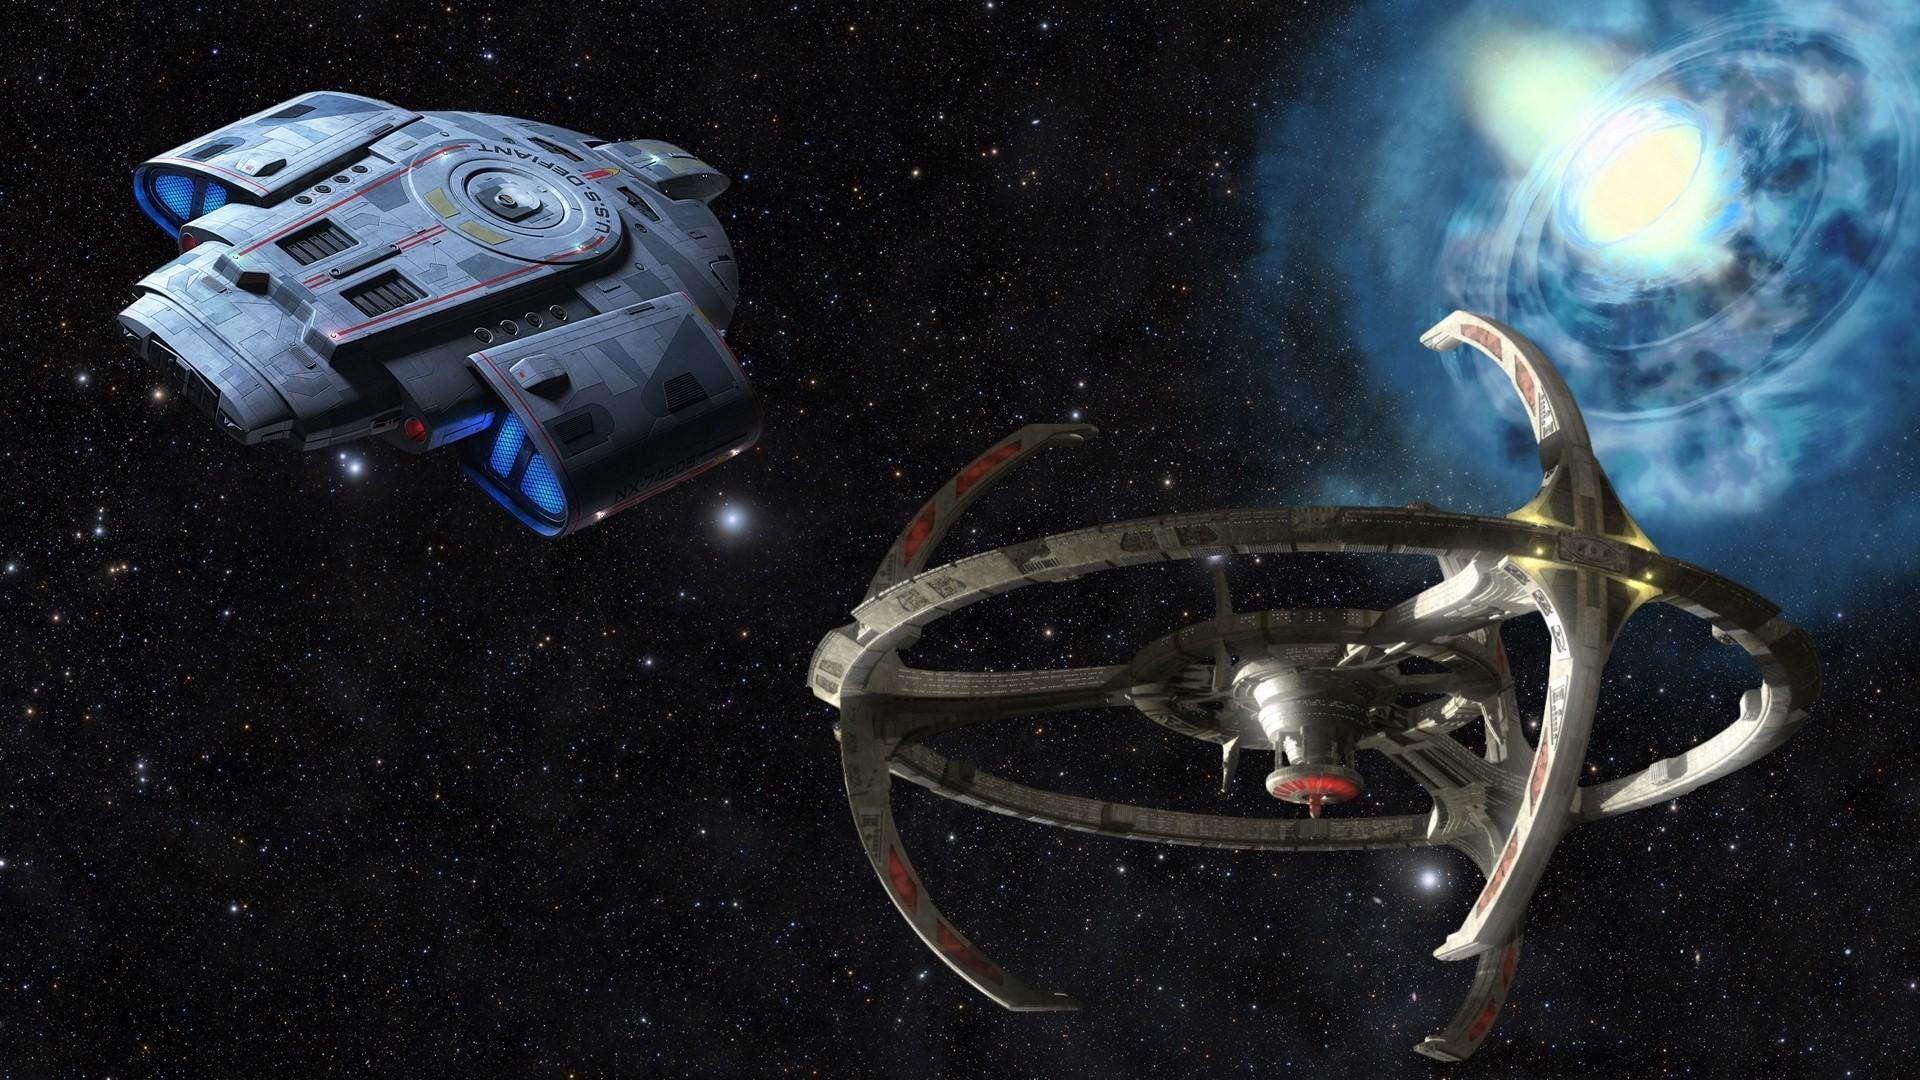 free screensaver wallpapers for star trek deep space nine by Drayton  Stevenson (2017-03